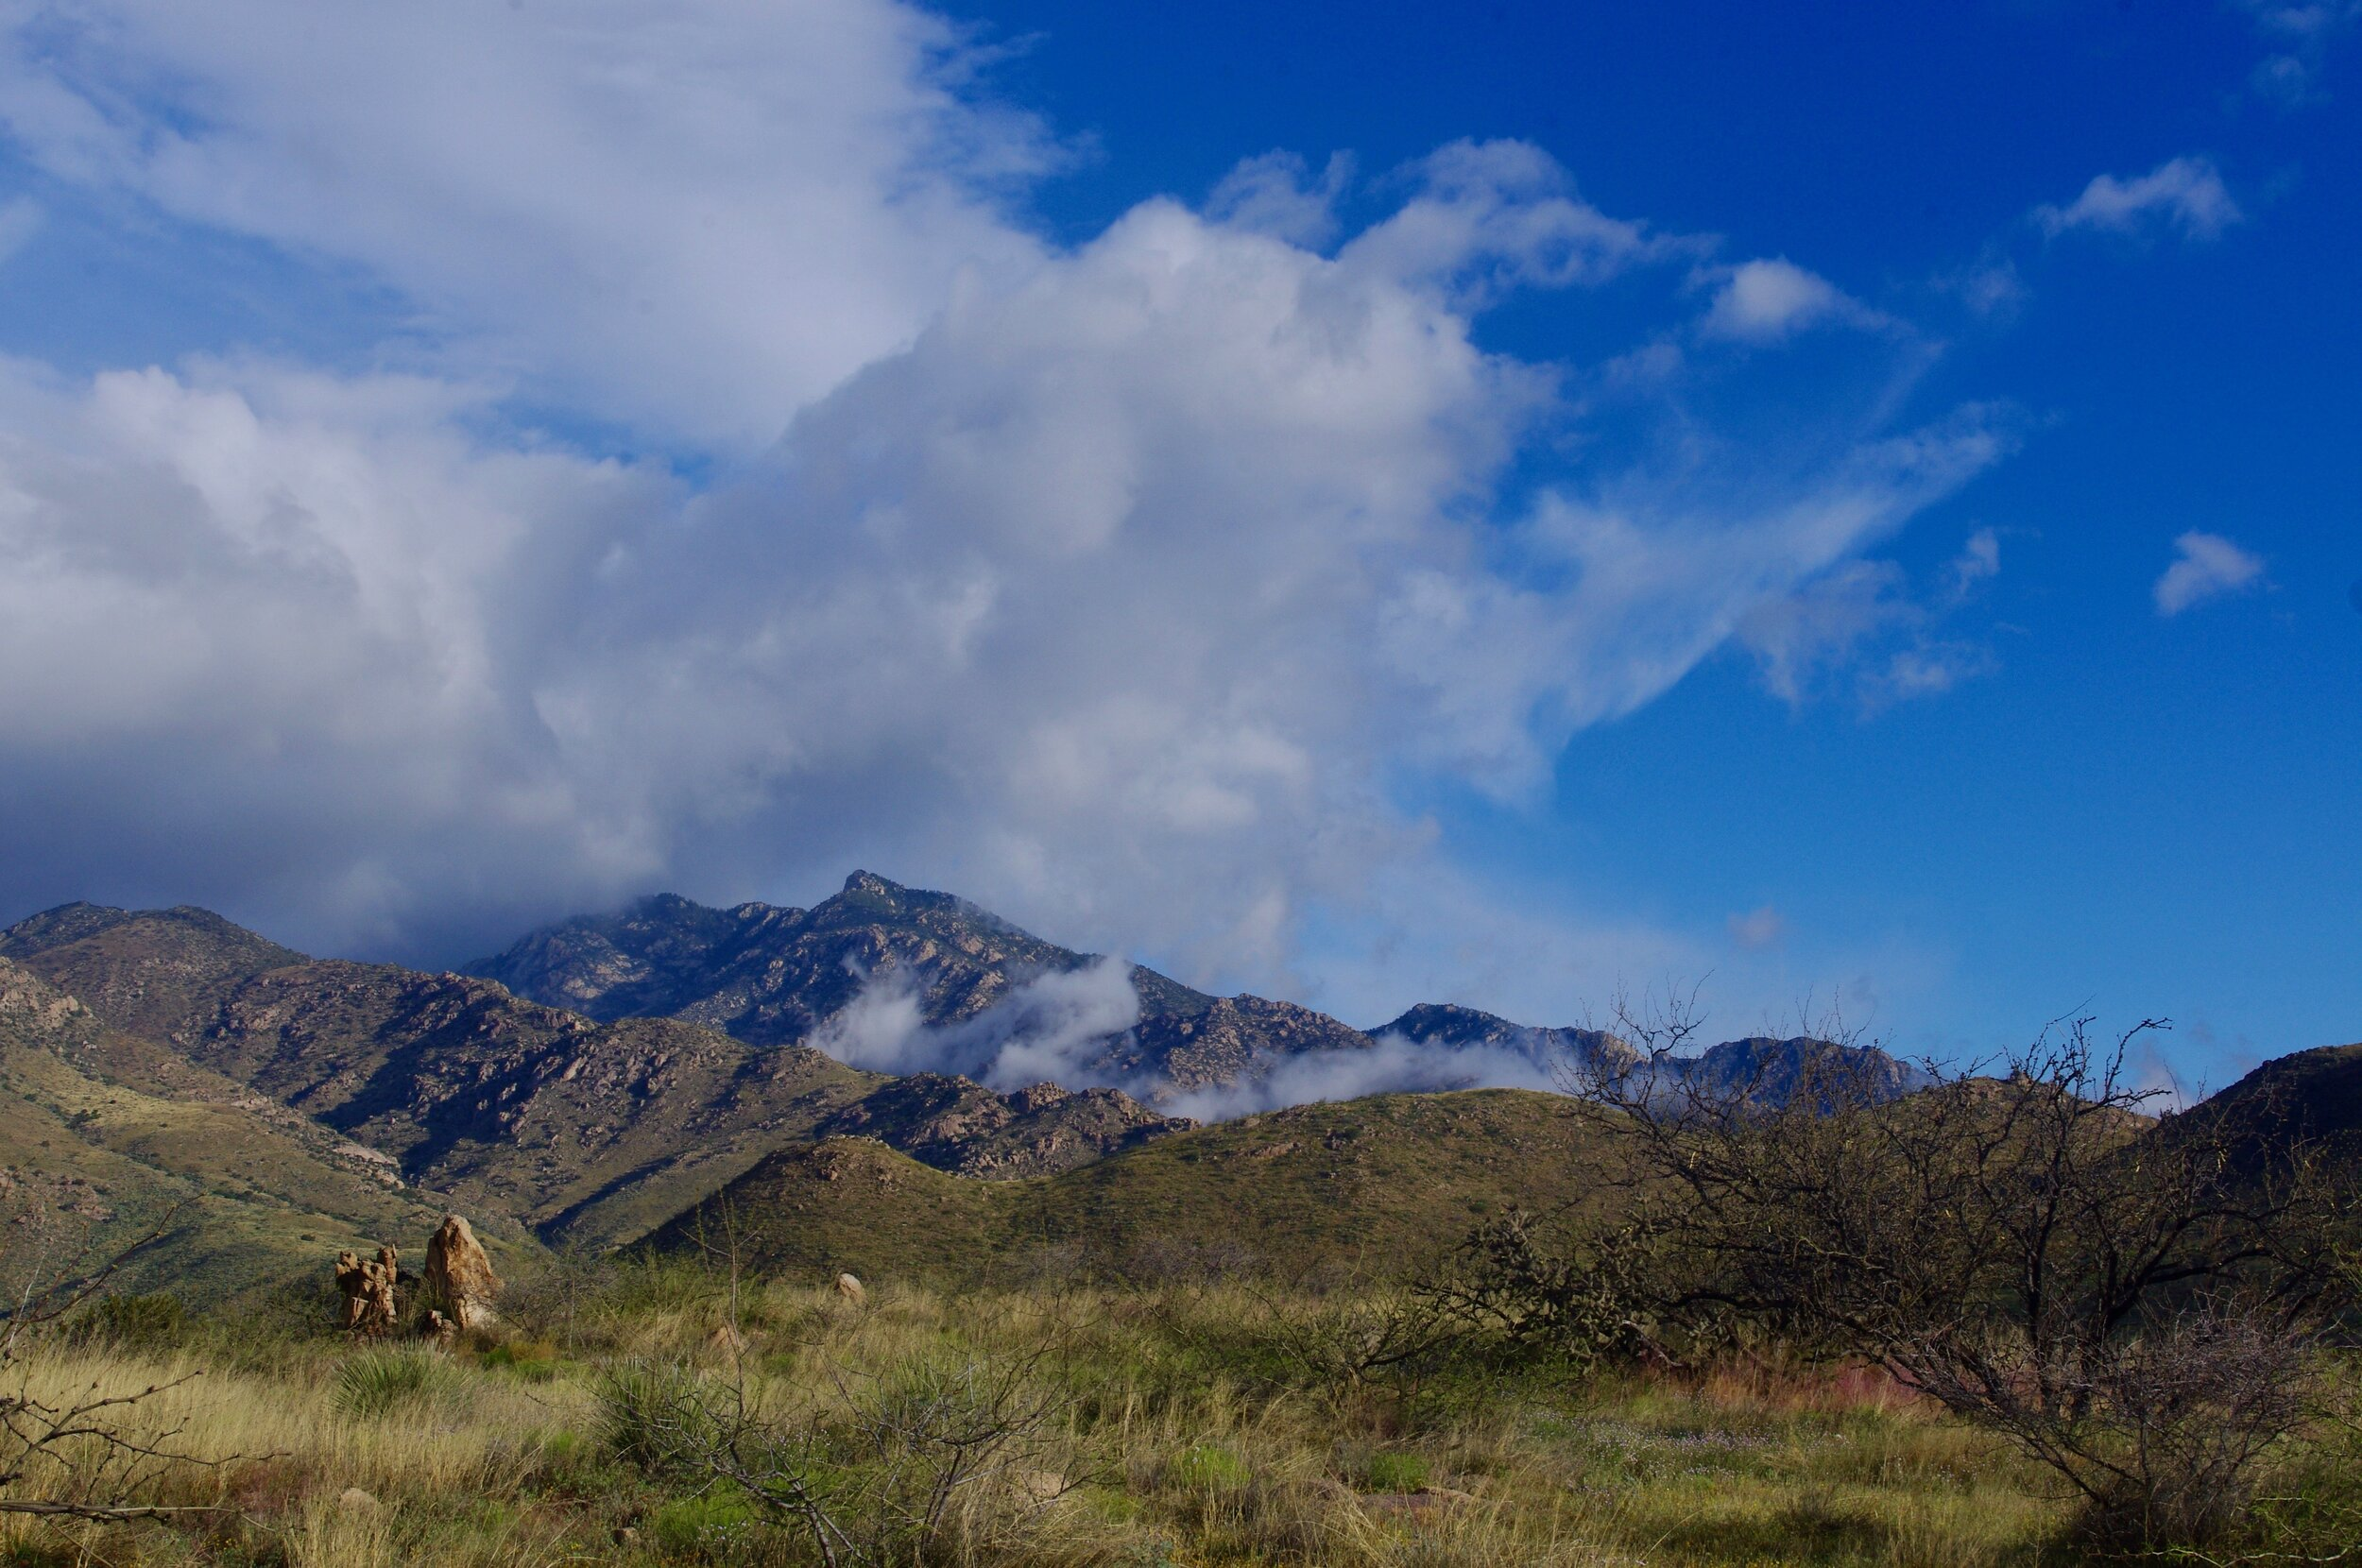 Mtn behind clouds NF Prescott AZ.jpg